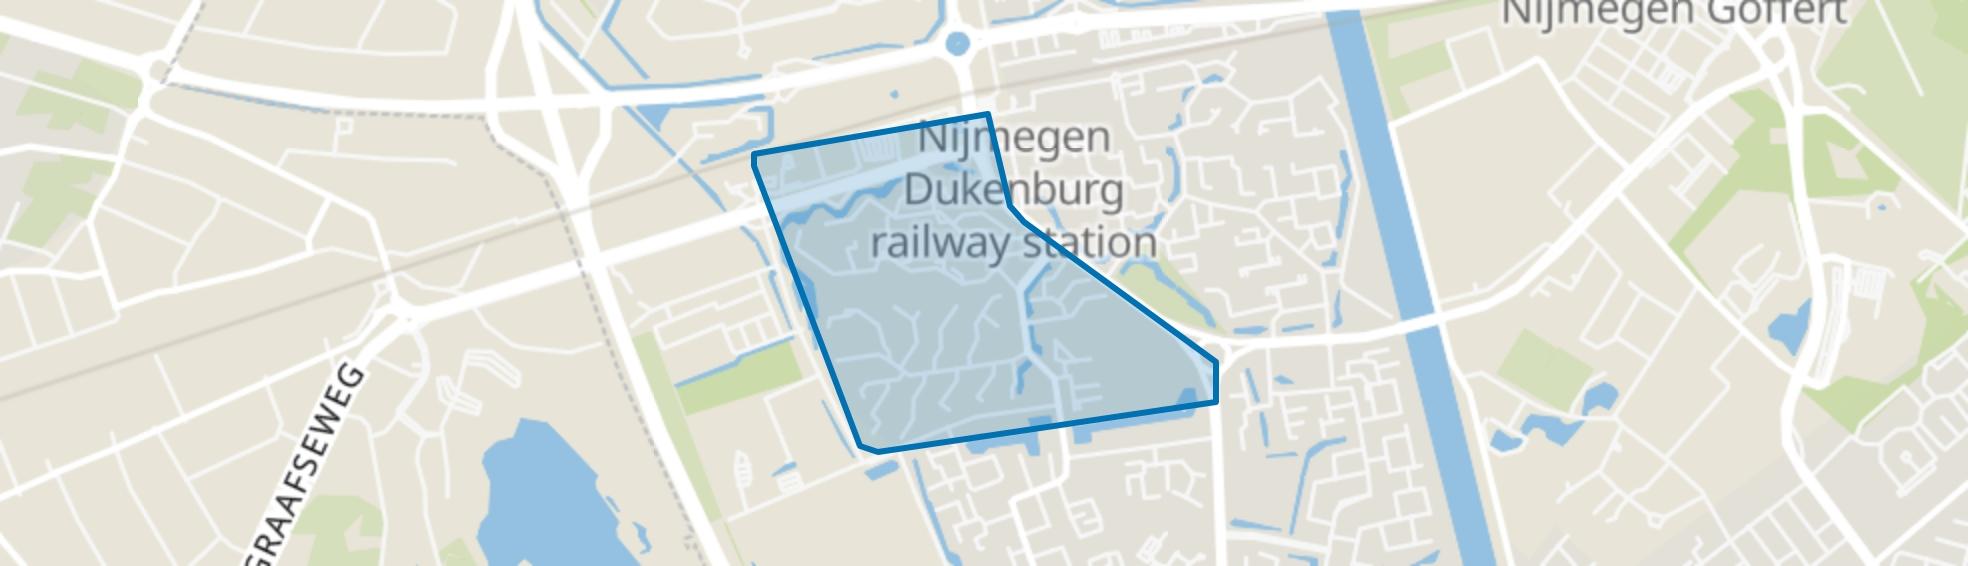 Tolhuis, Nijmegen map